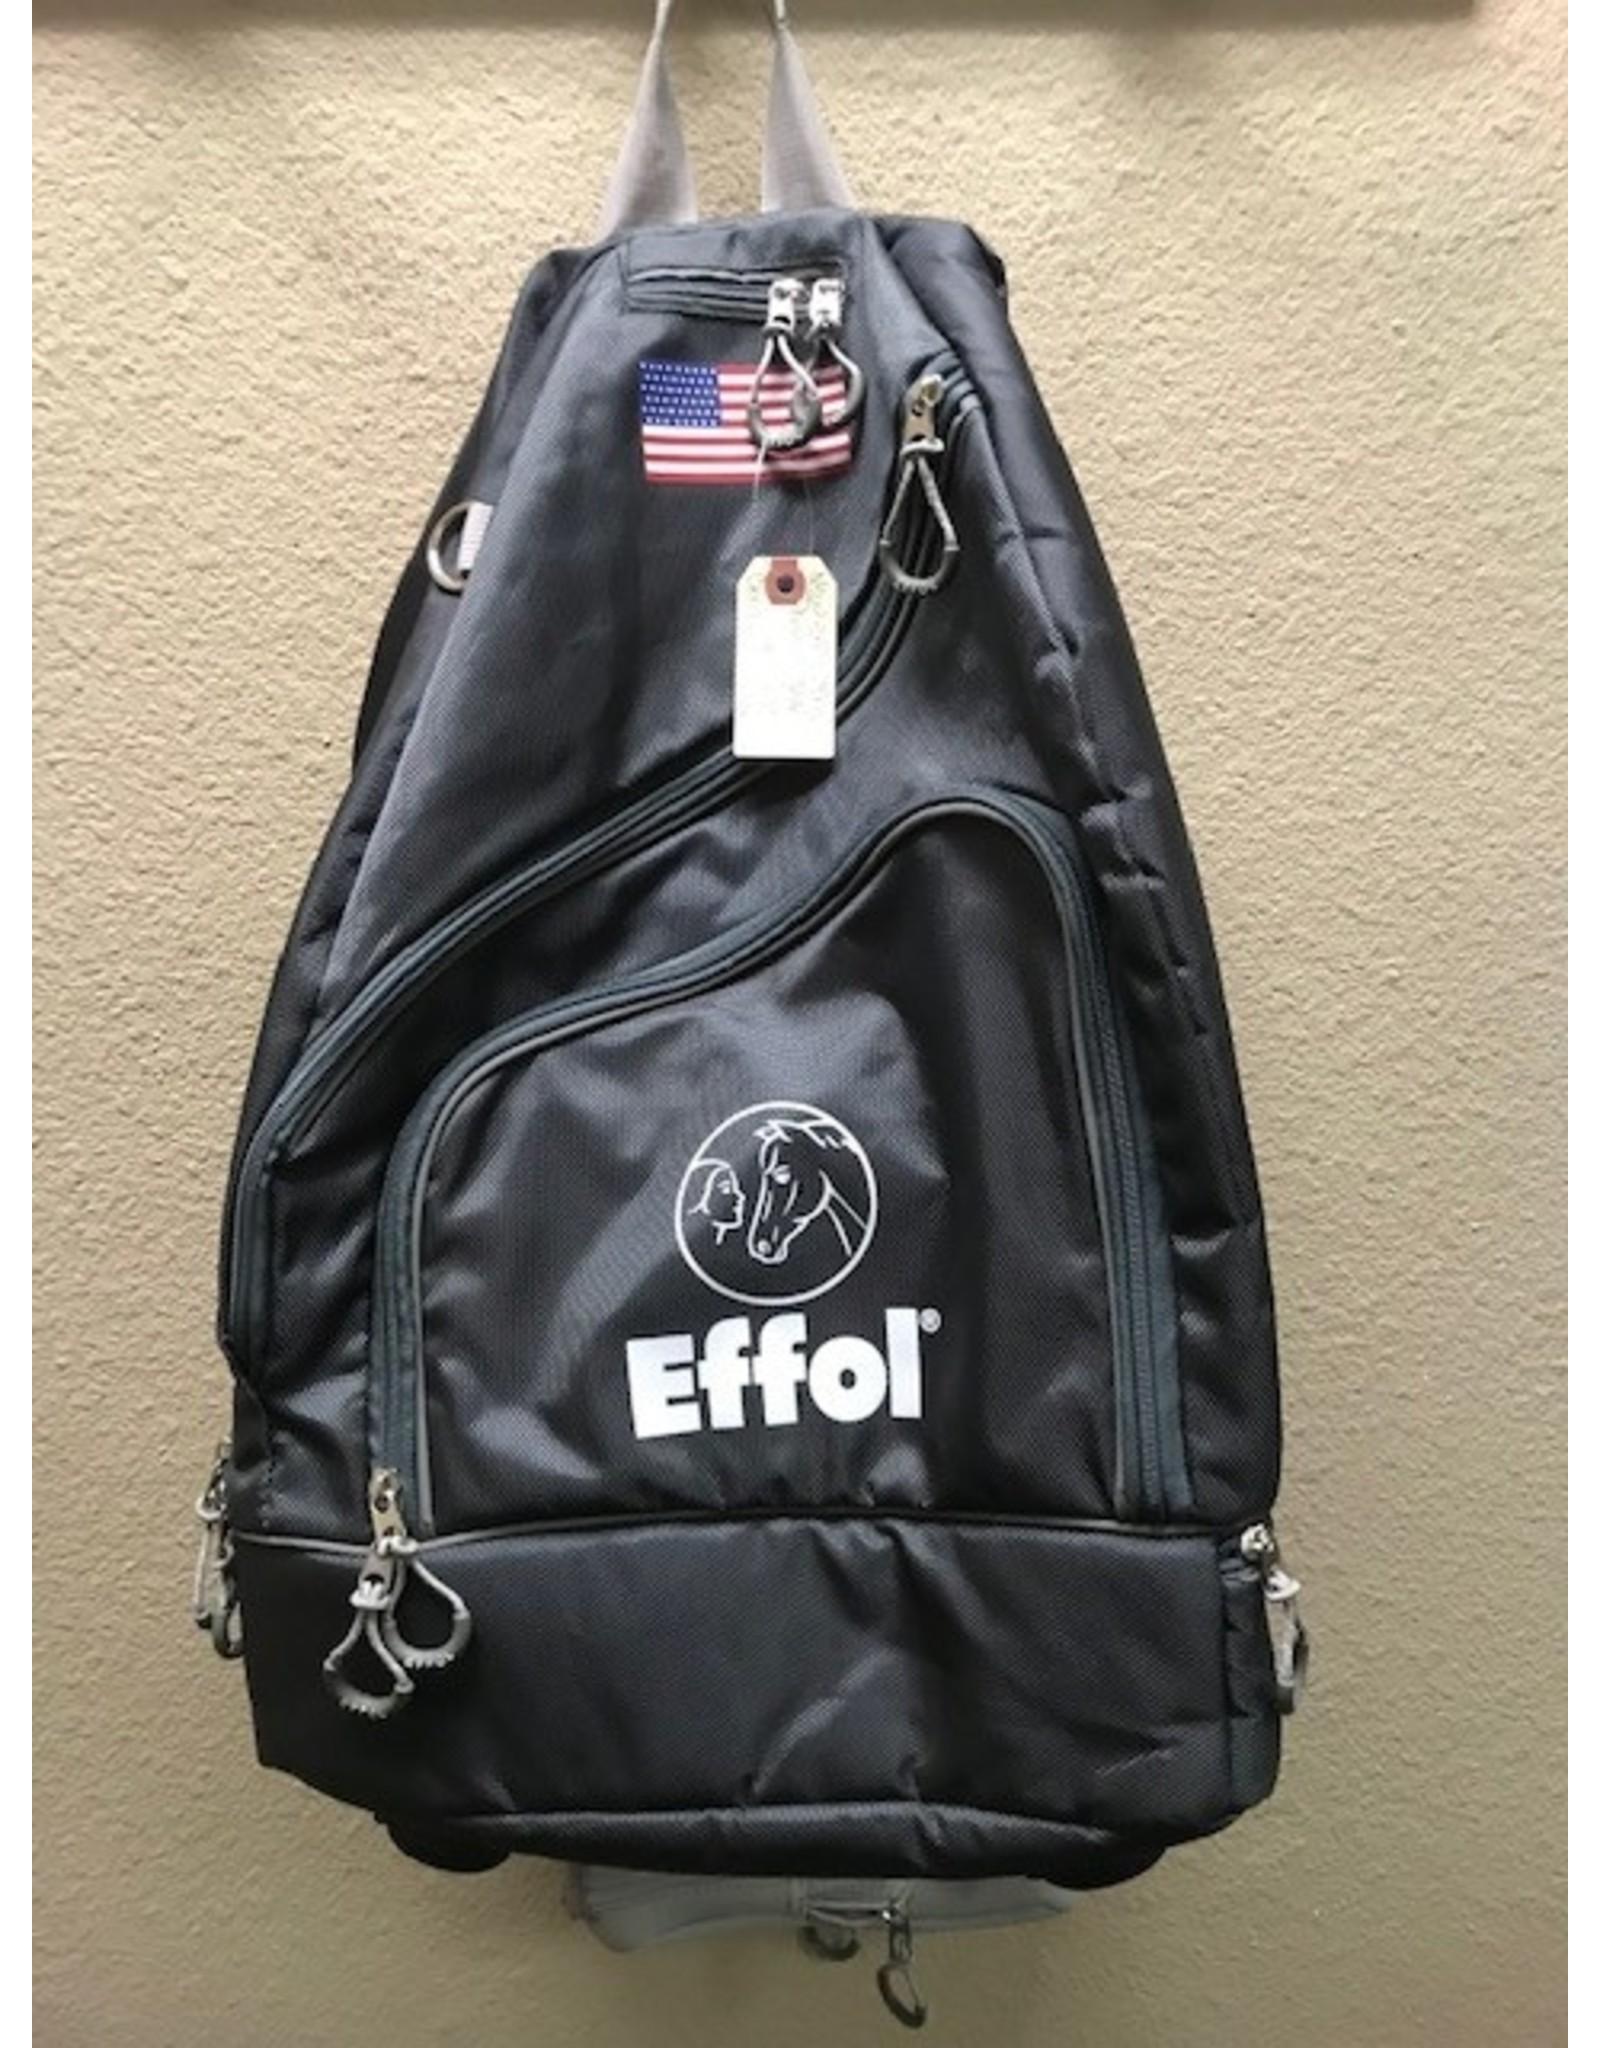 Effol Gear Bag NWT